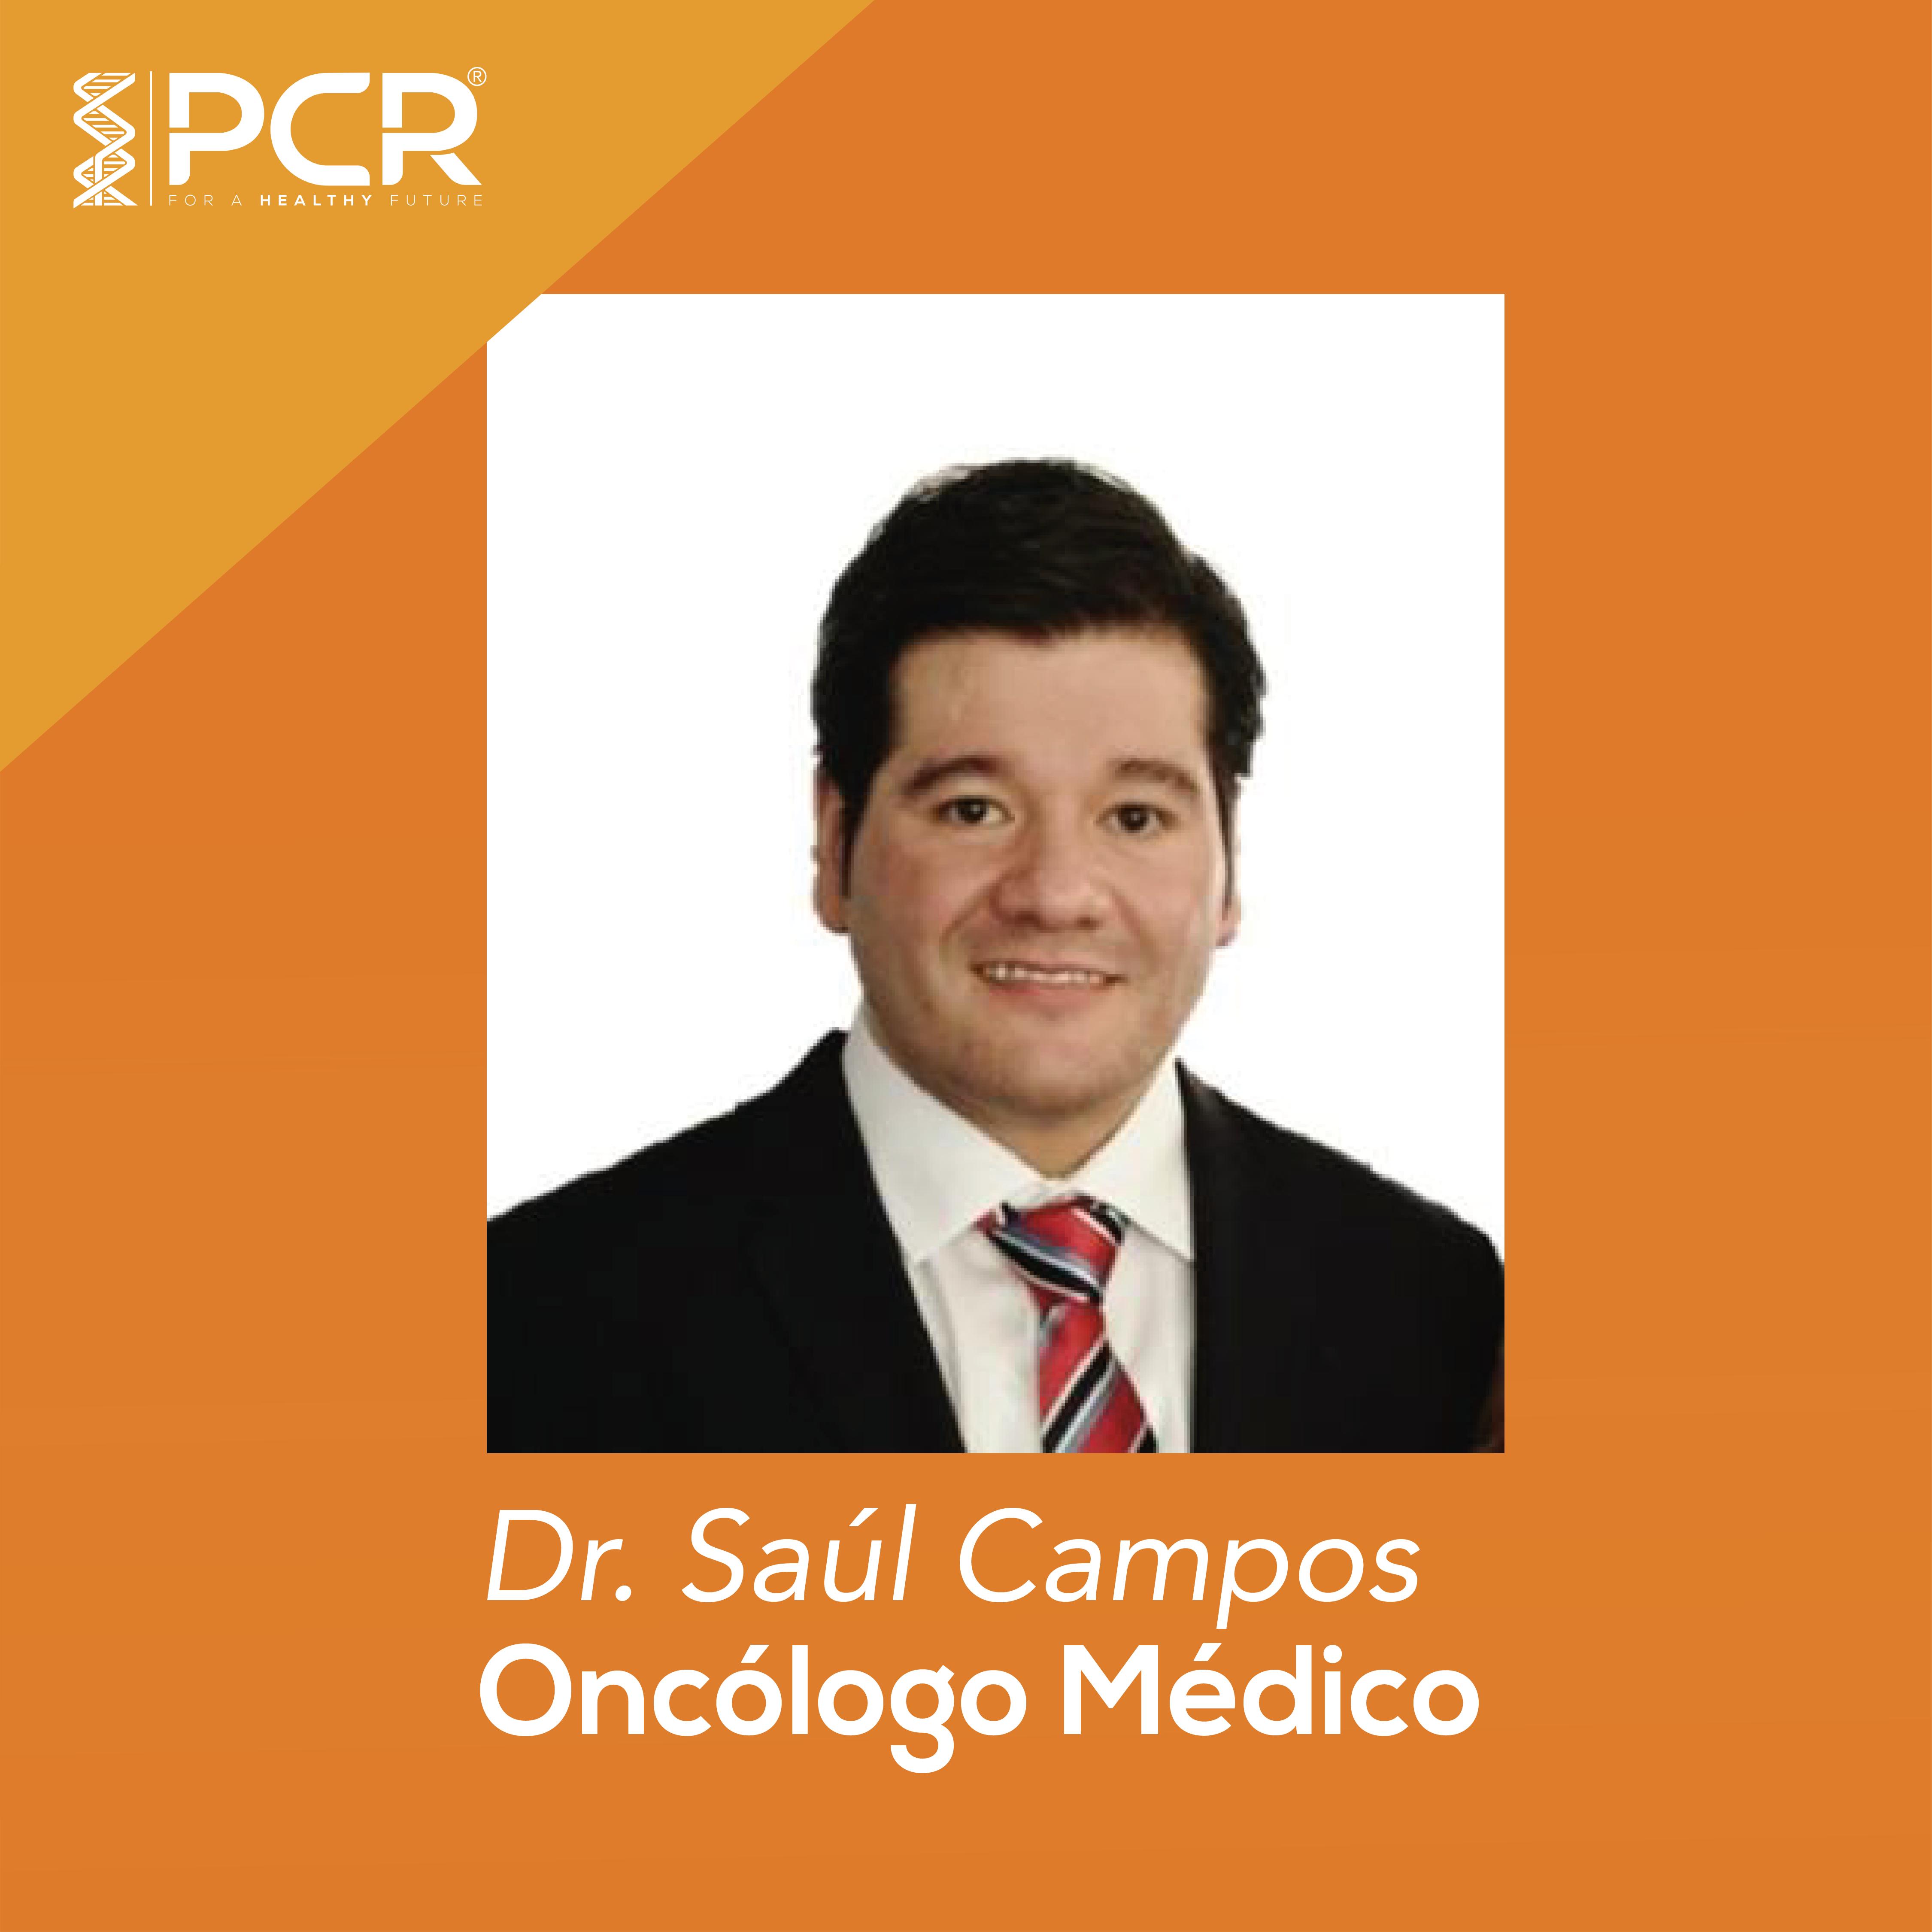 Dr. Saúl Campos Gómez